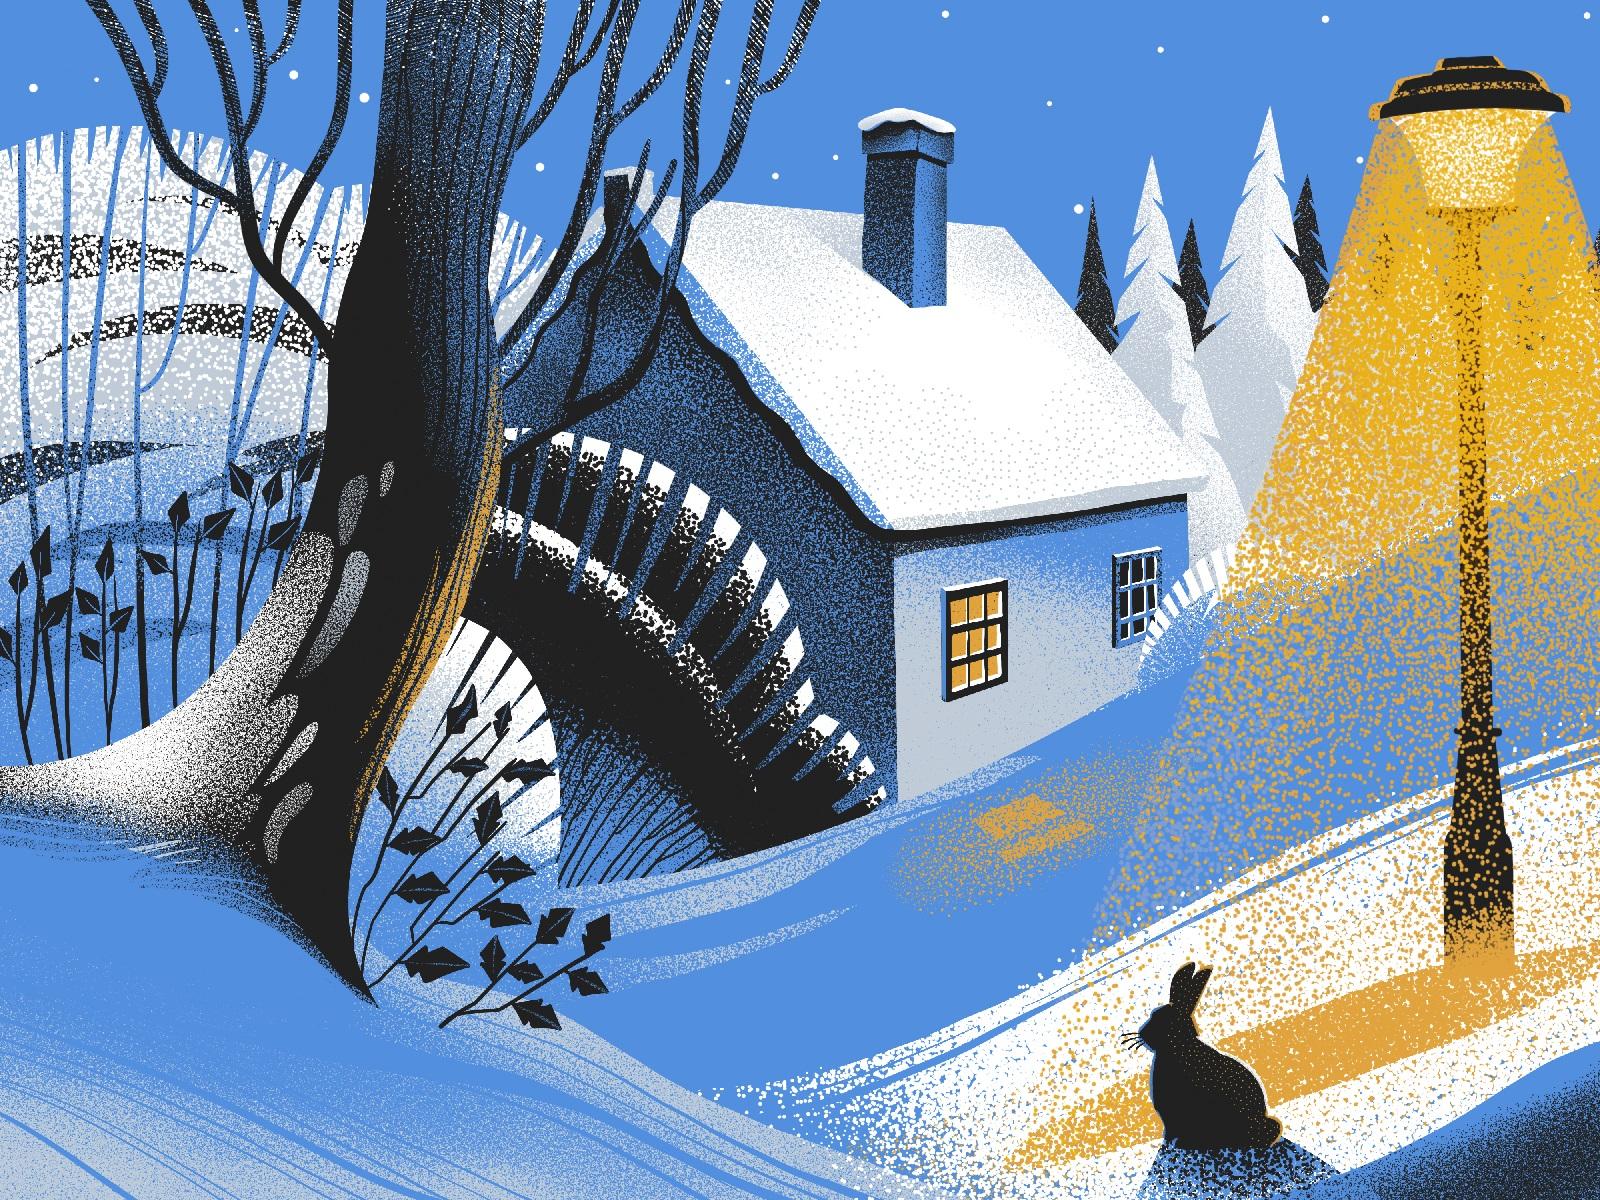 winter evening illustration tubikarts